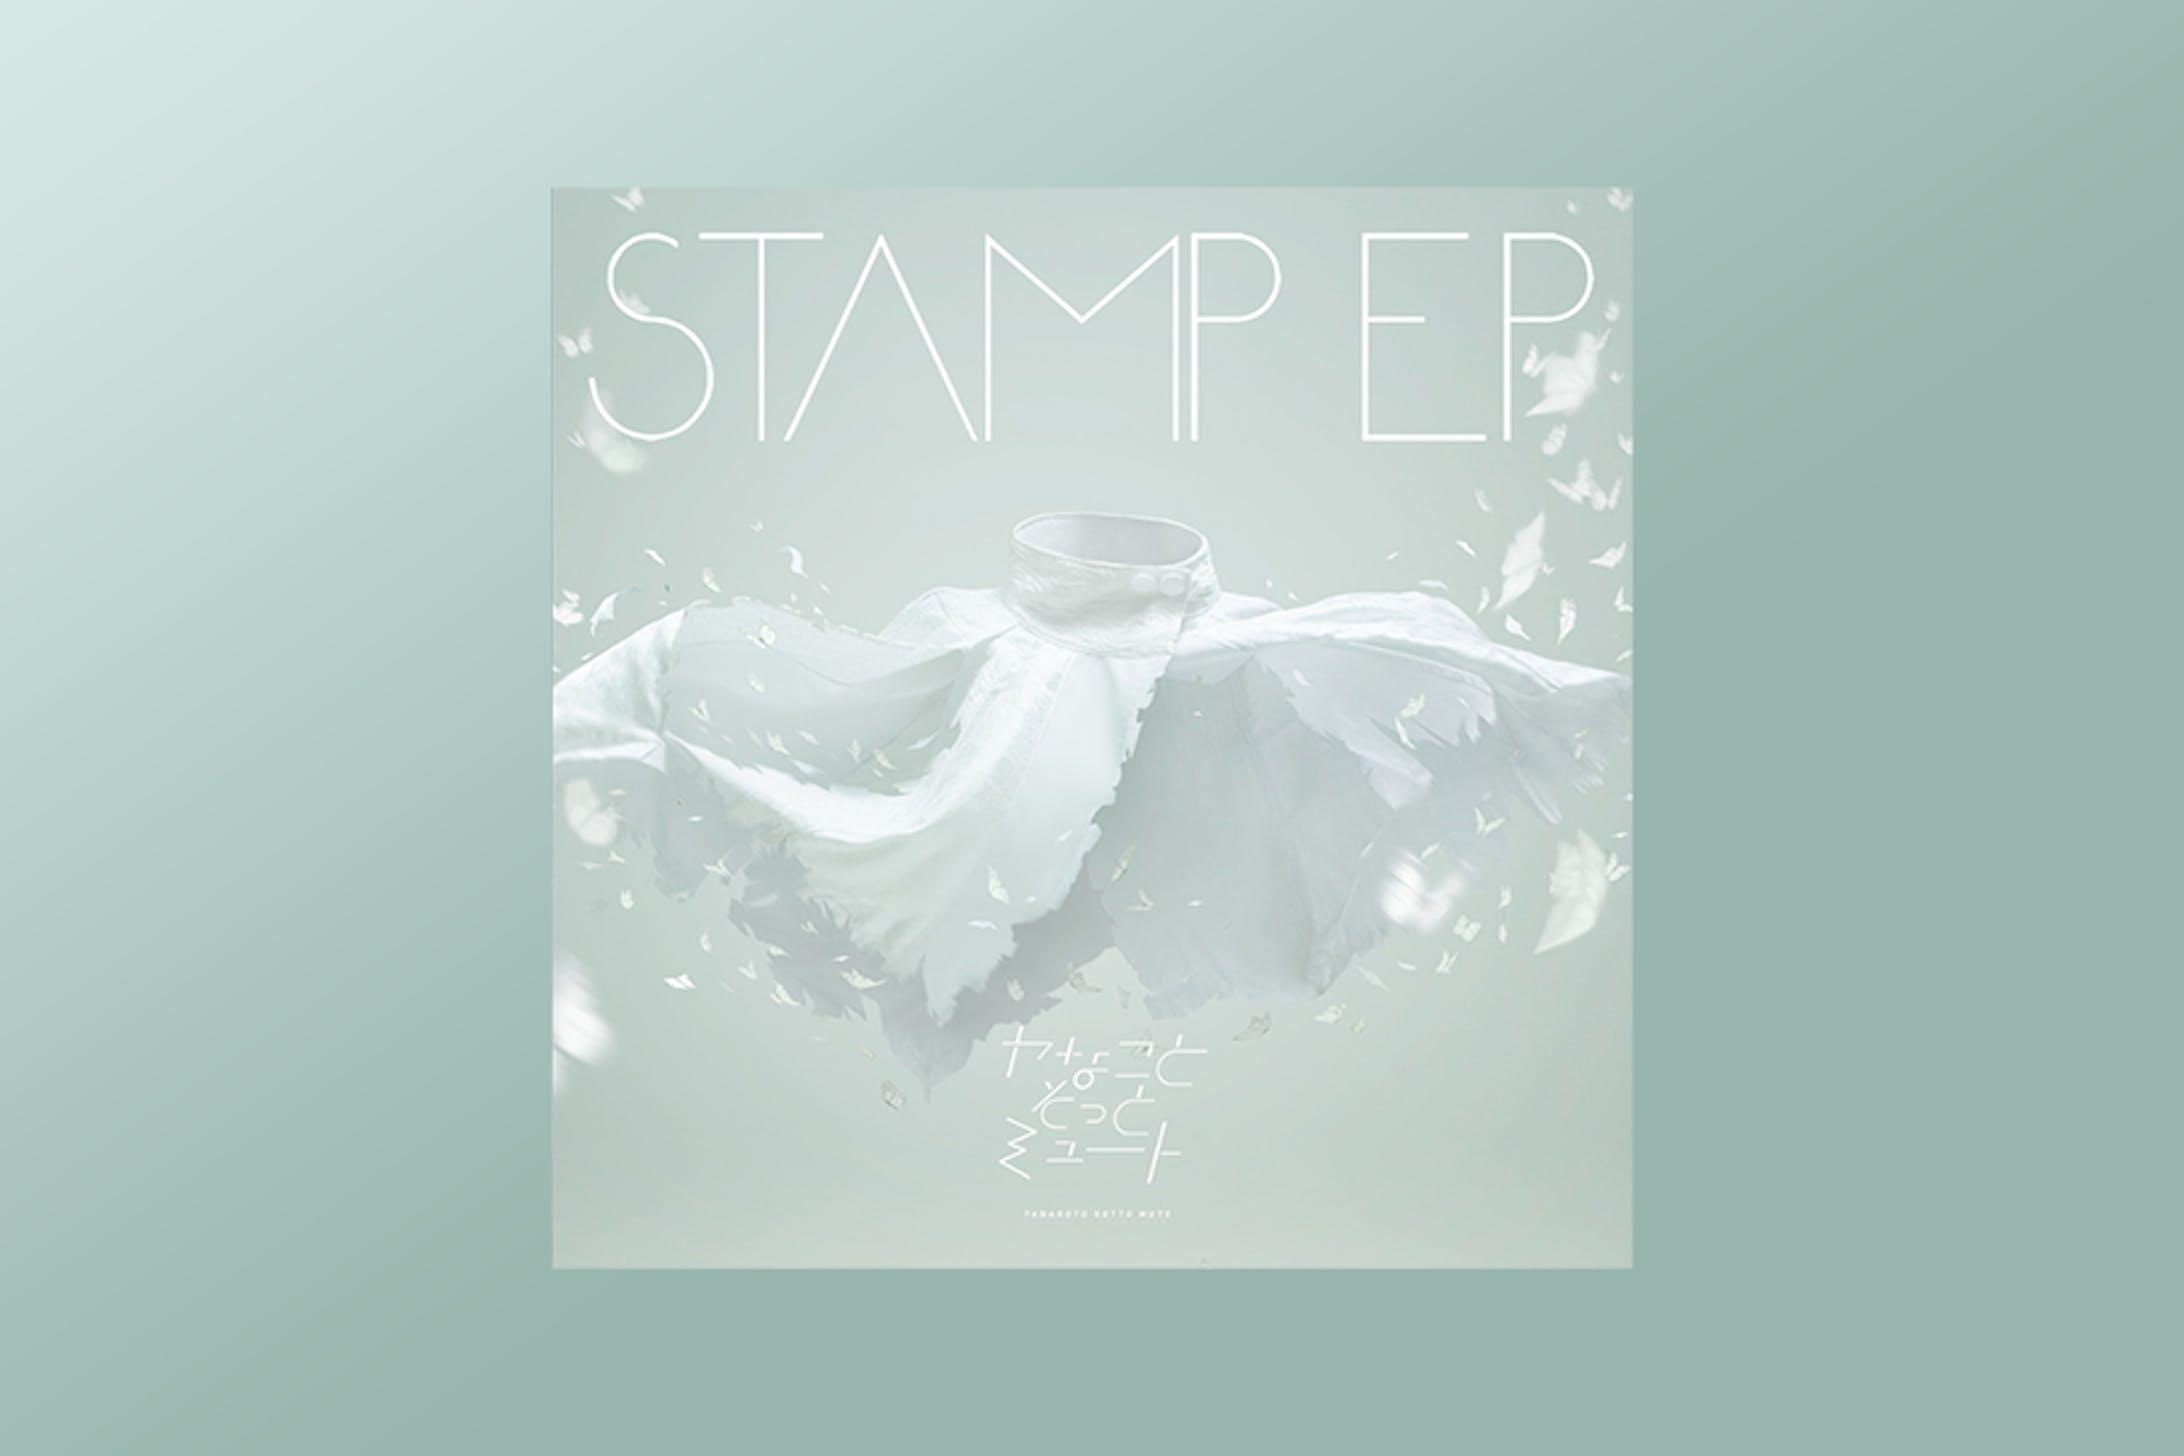 """ヤなことそっとミュート """"STAMP EP"""" COVER ART-1"""